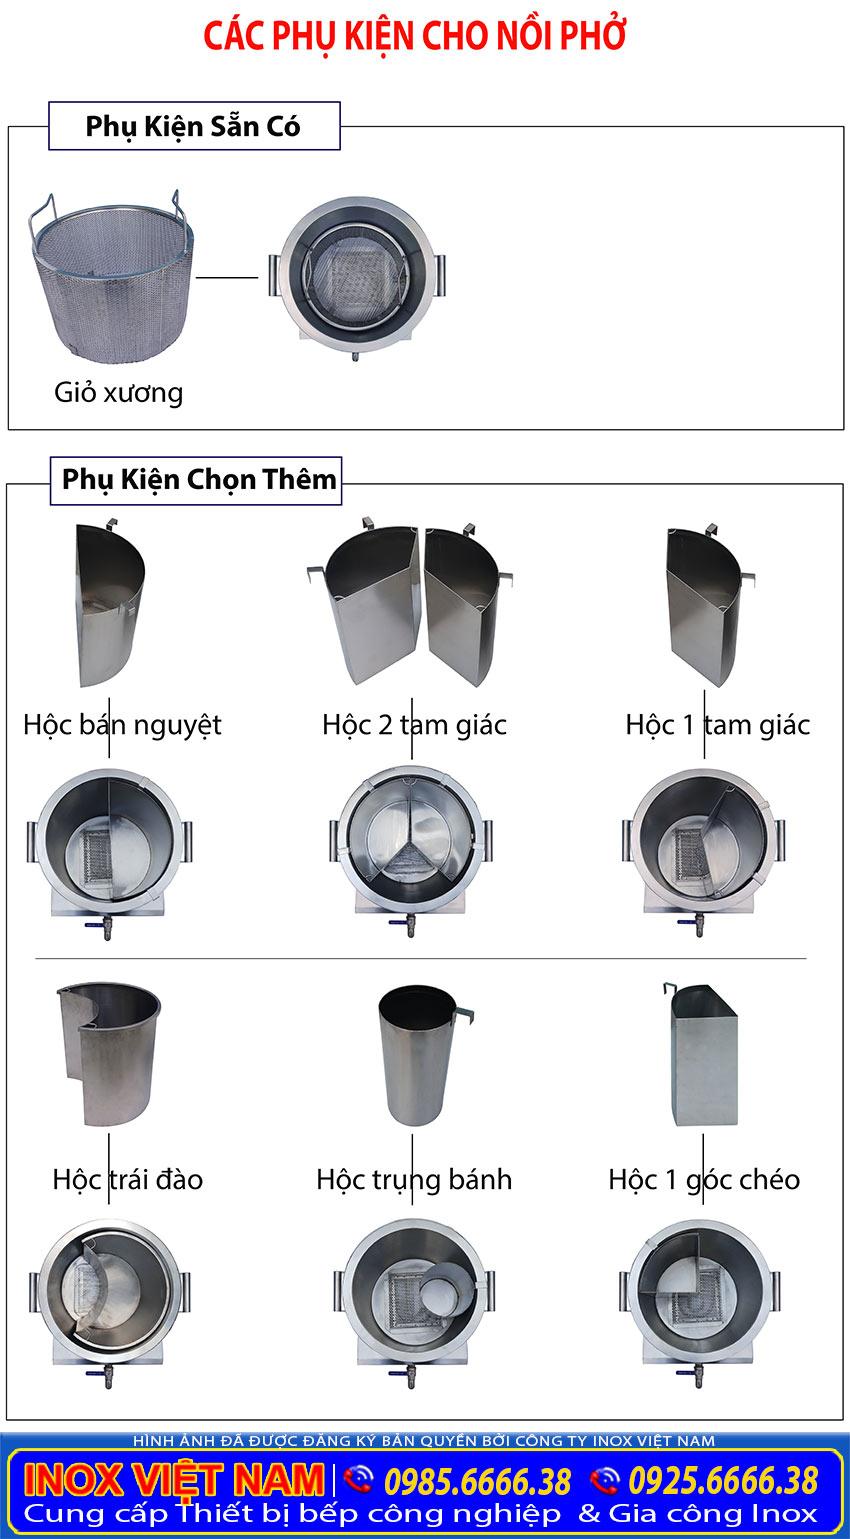 Phụ kiện cho nồi nấu phở bằng điện 60L